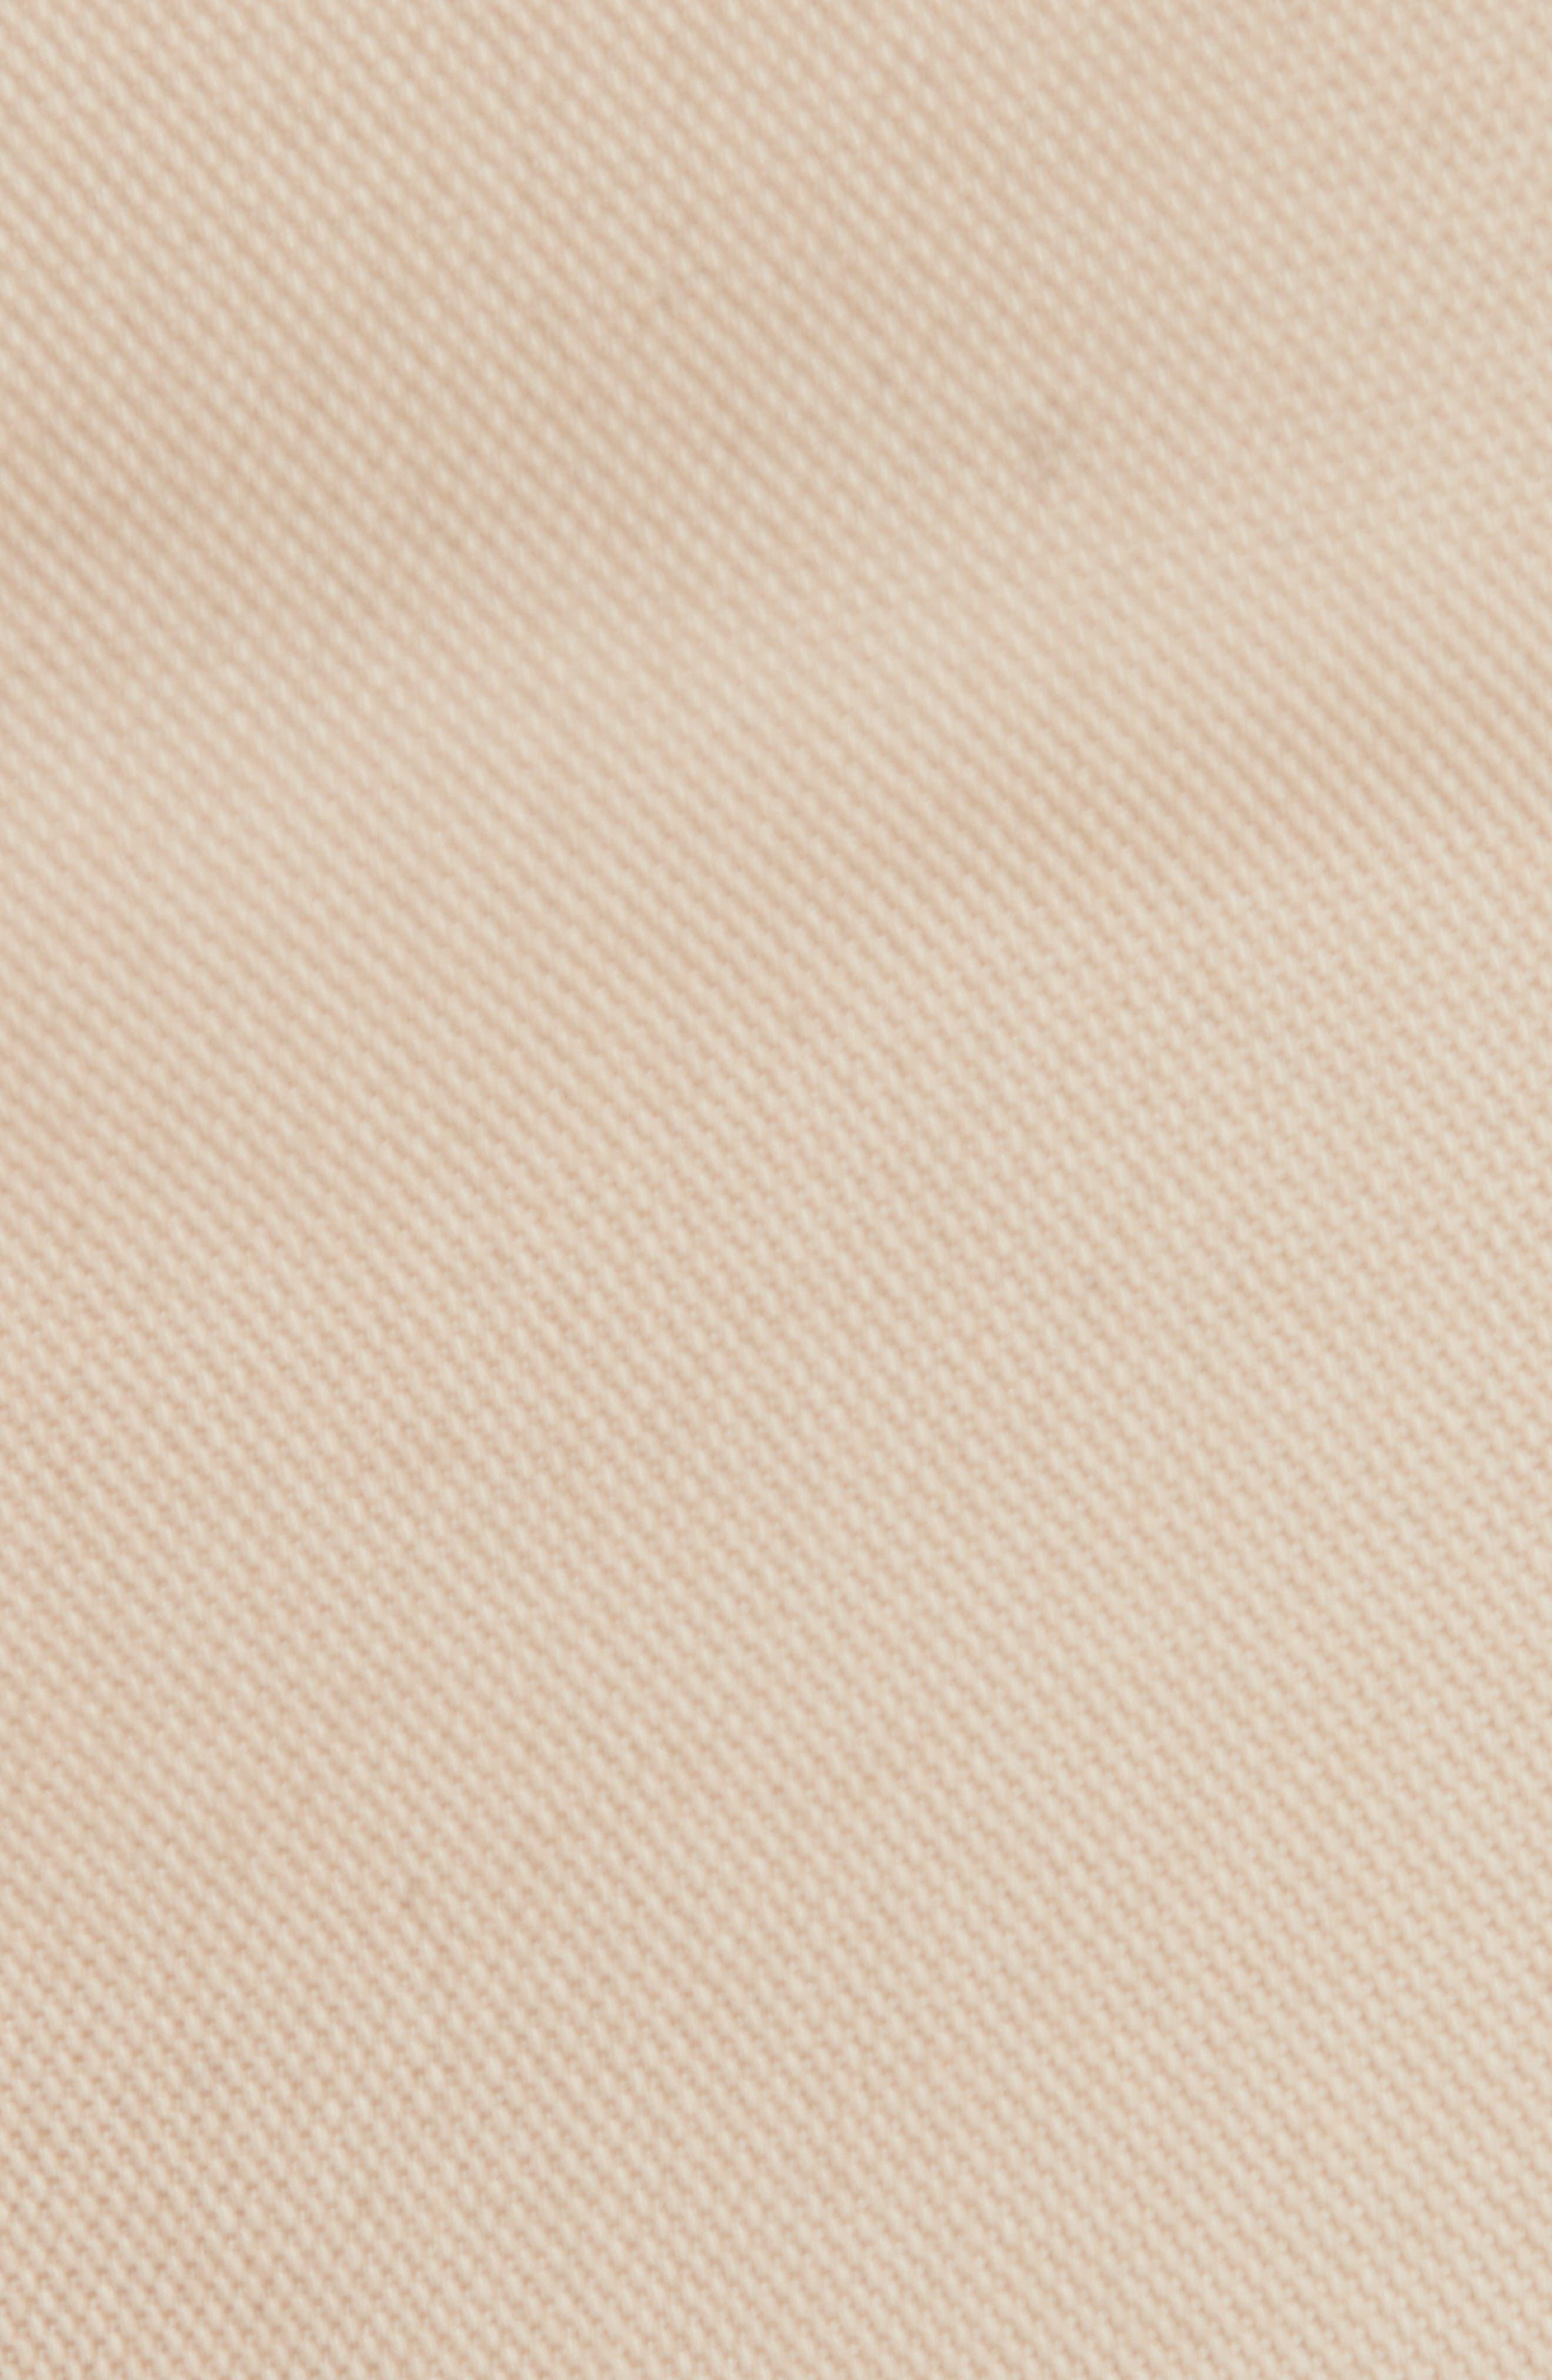 ERMENEGILDO ZEGNA, Stretch Cotton Five Pocket Pants, Alternate thumbnail 6, color, LIGHT BEIGE